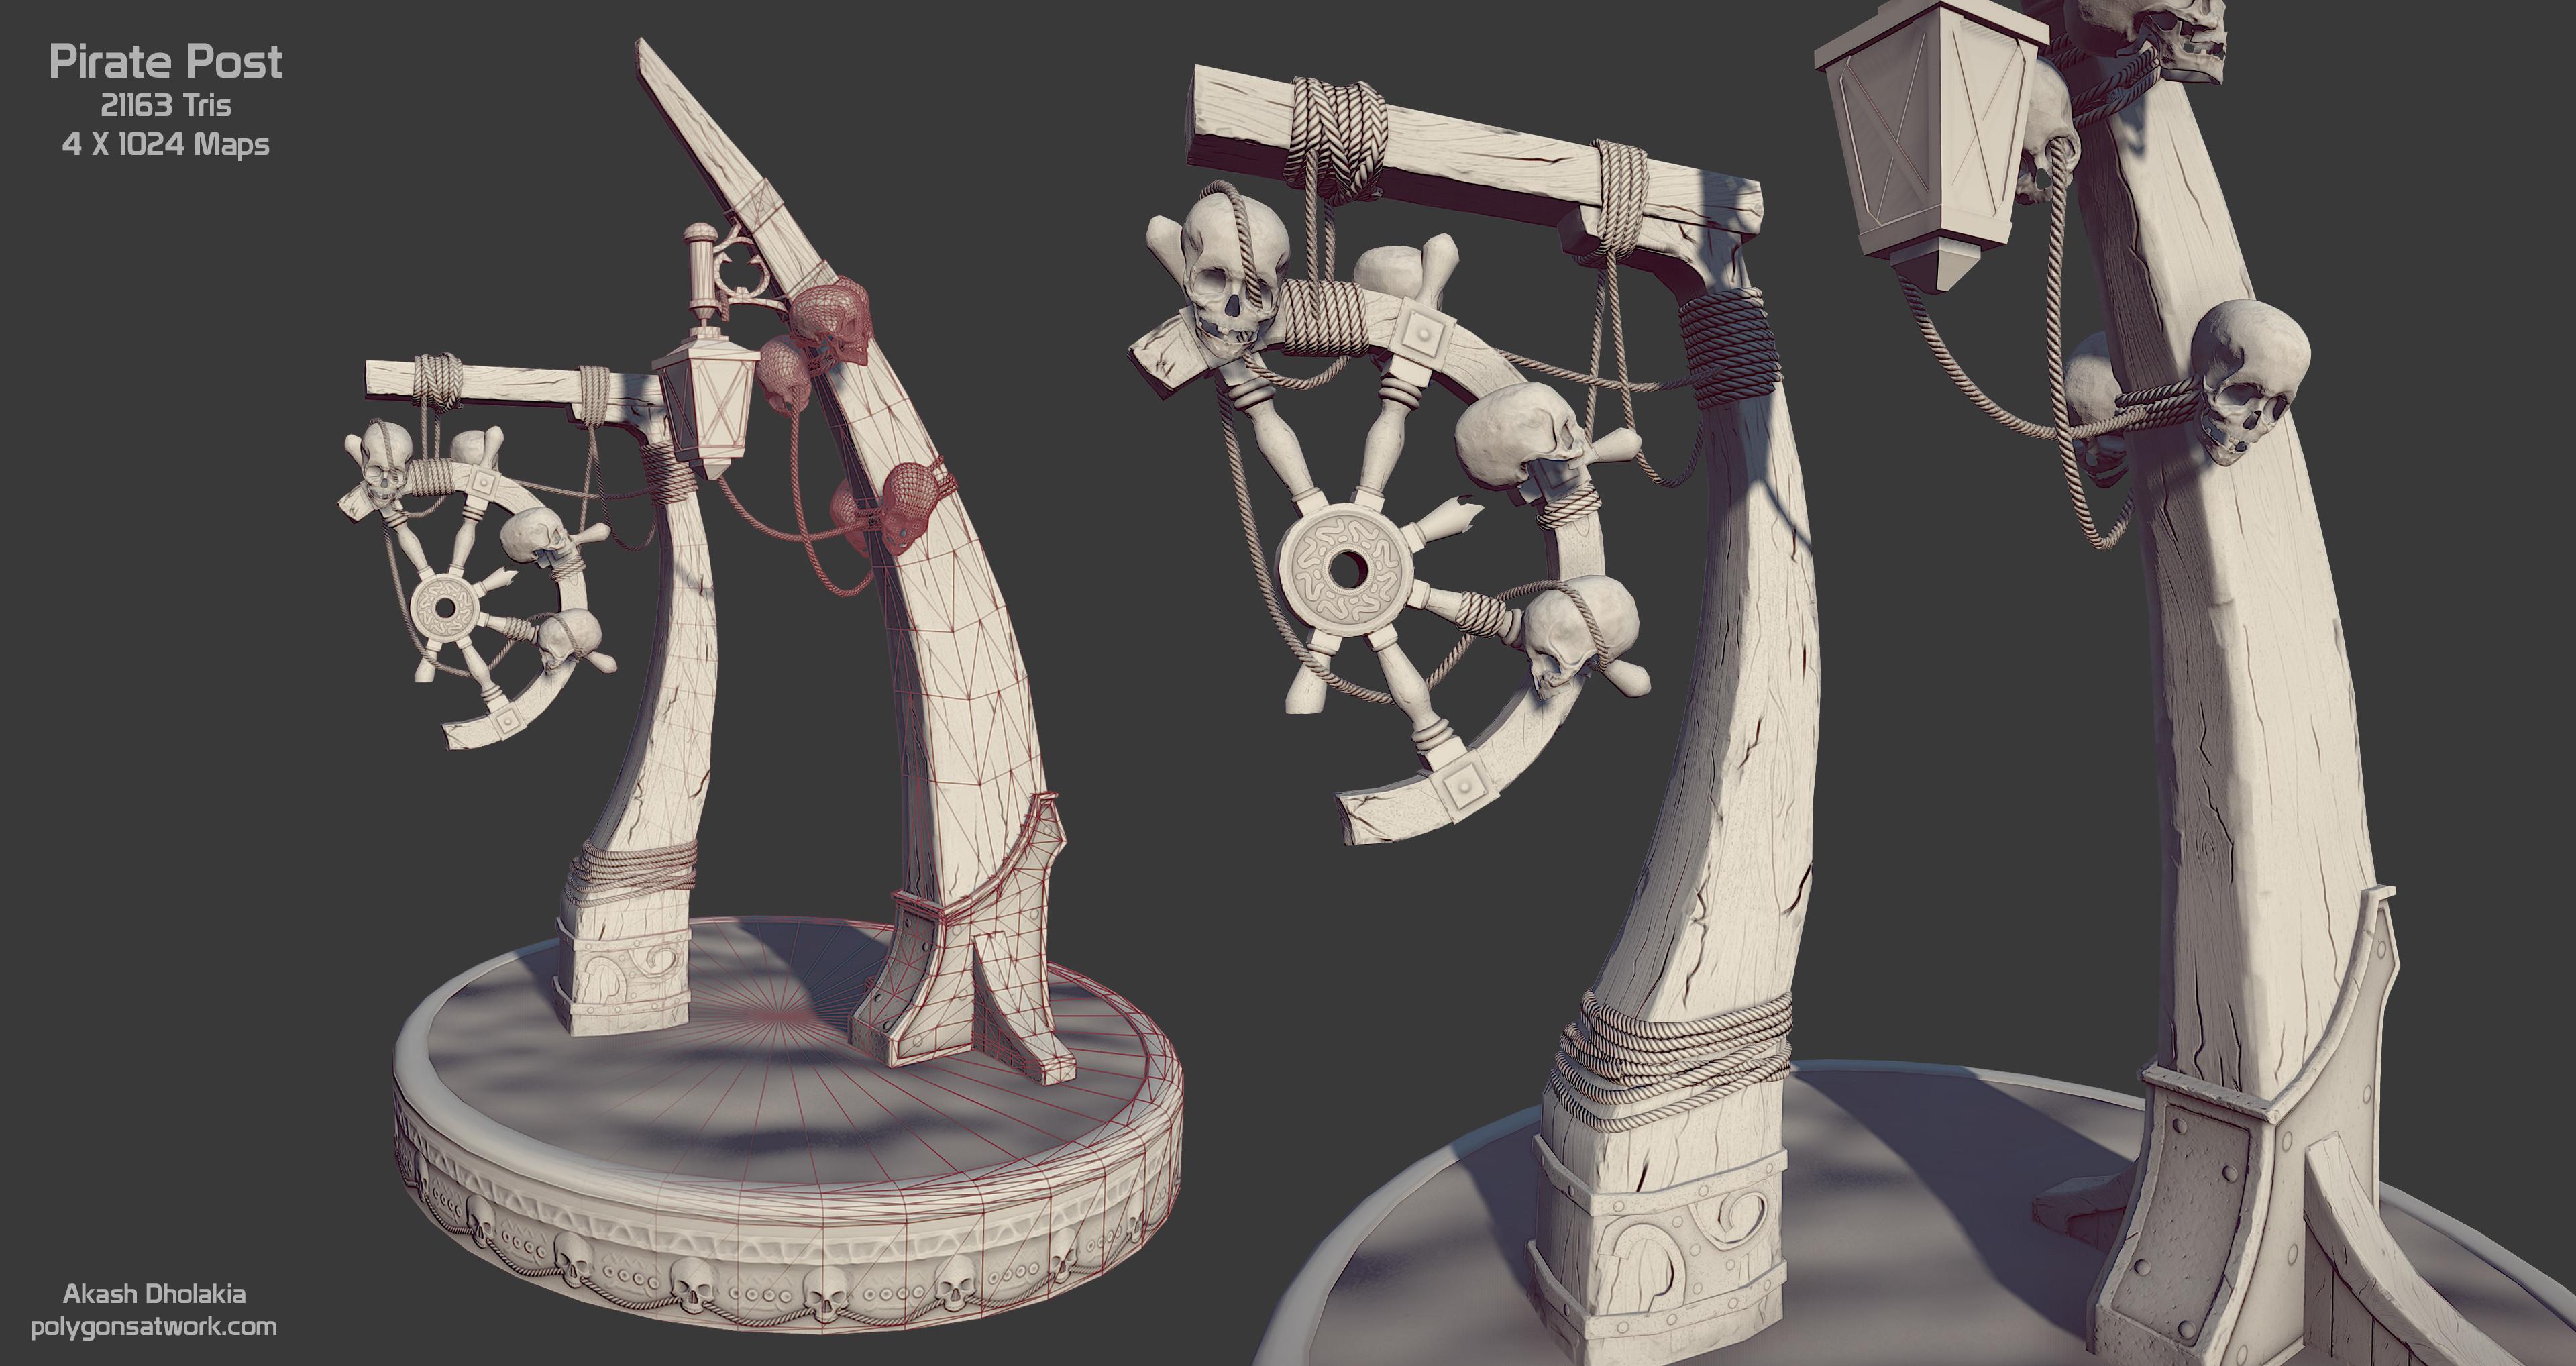 Pirate_Post_Wire